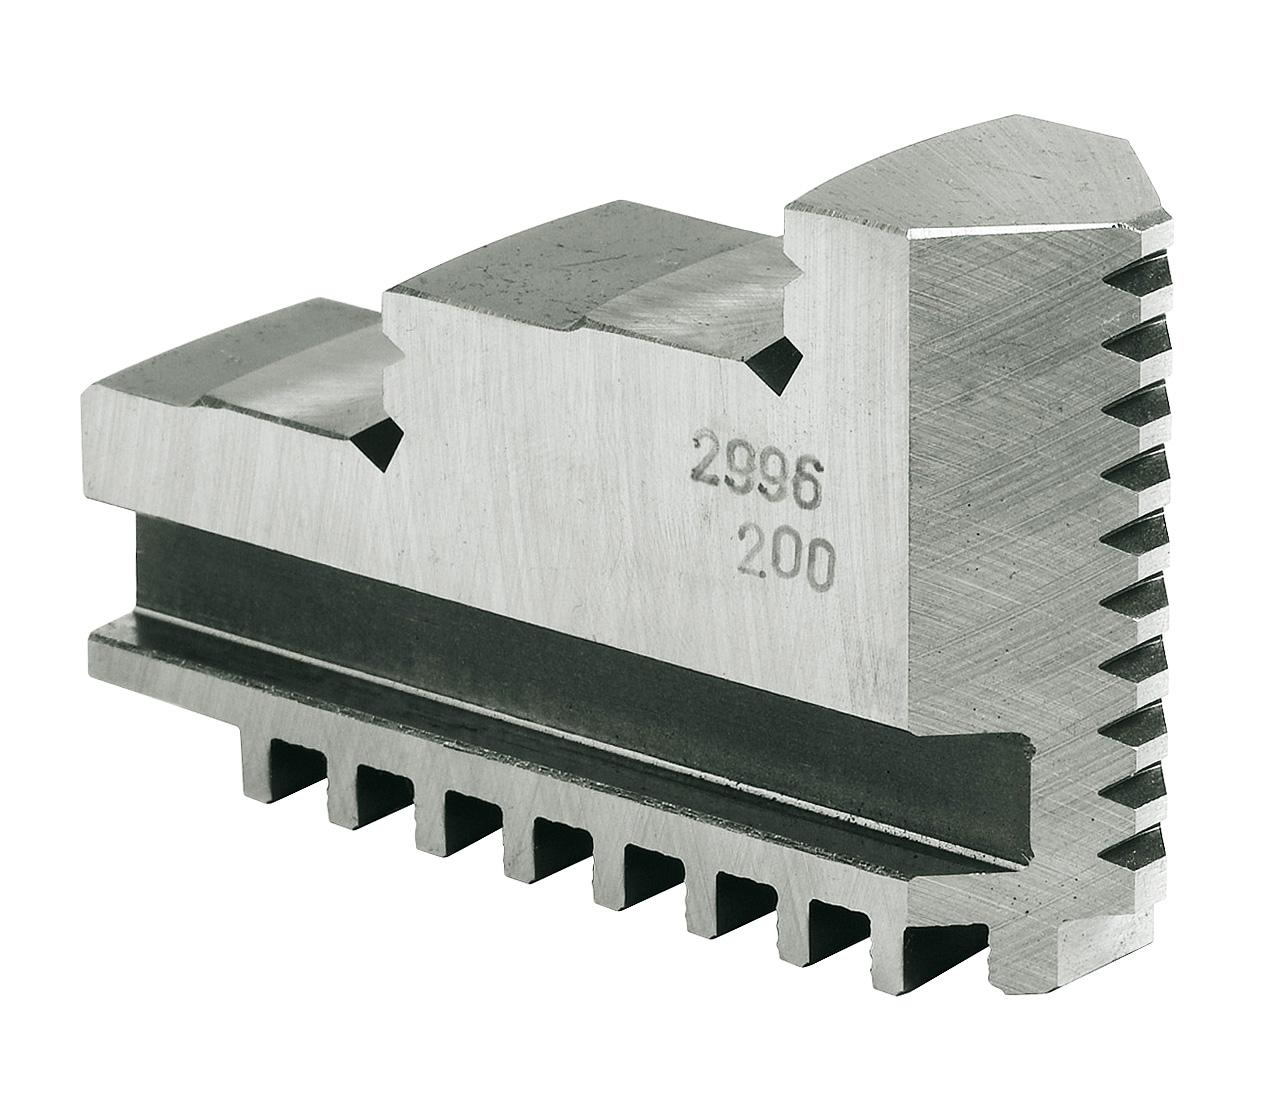 Szczęki jednolite twarde zewnętrzne - komplet OJ-PS3-500 BERNARDO